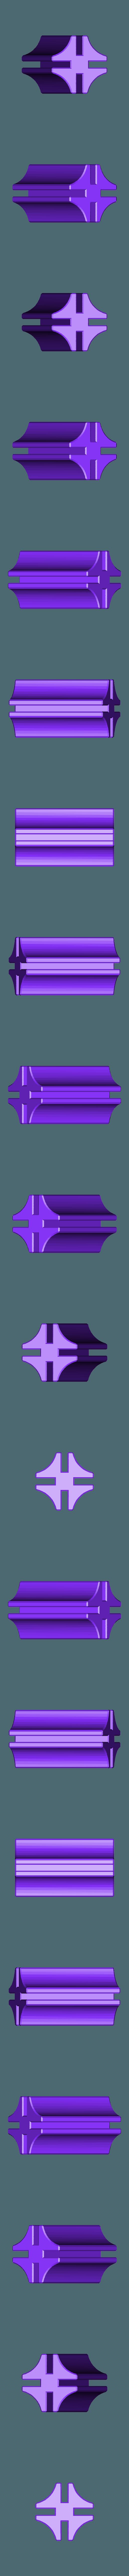 4Way_2inch.STL Download free STL file Drawer Dividers • 3D printer template, Mendelssohn